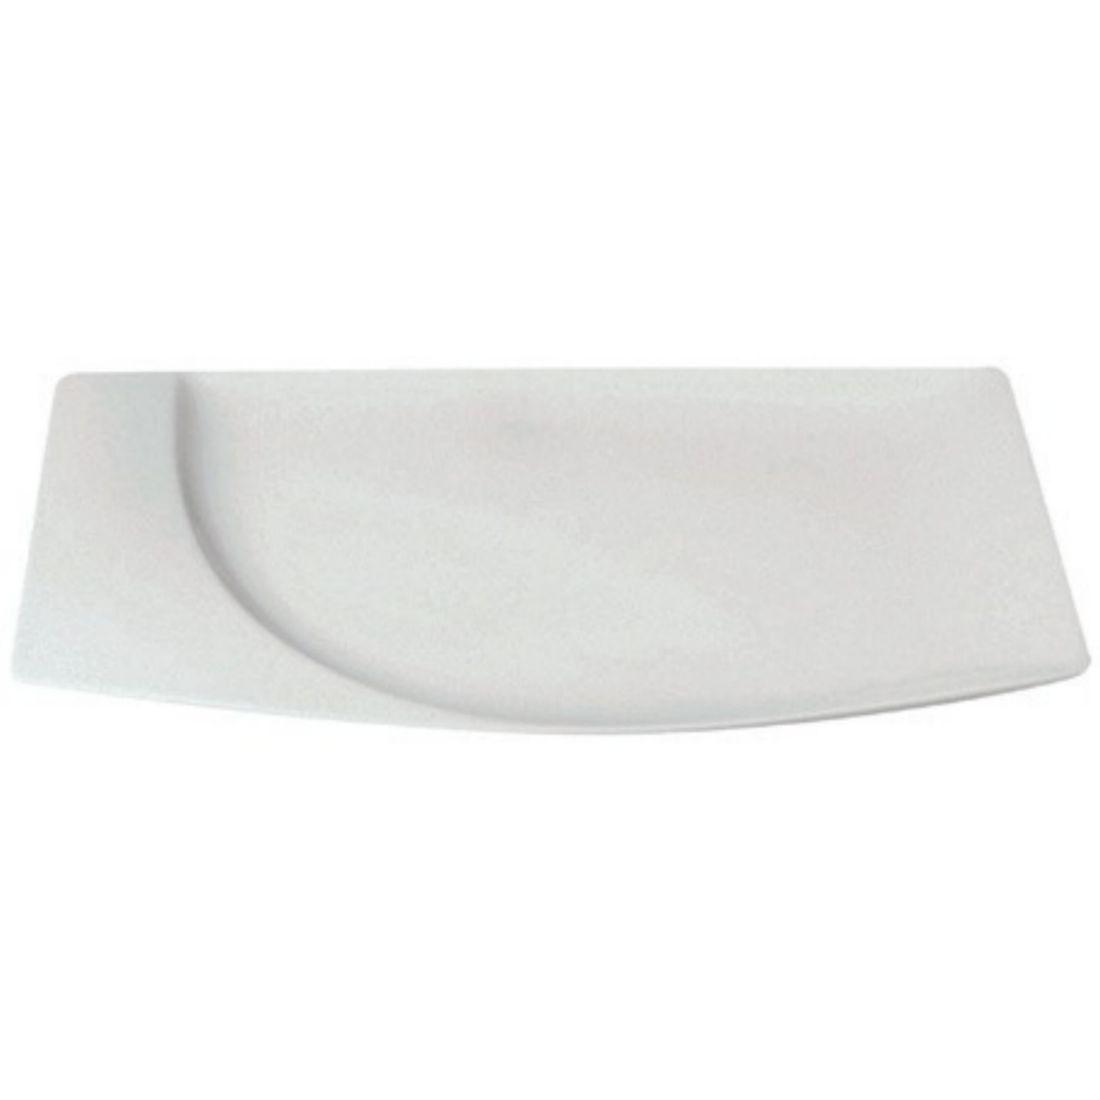 Talíř mělký obdélný 20 x 13 cm